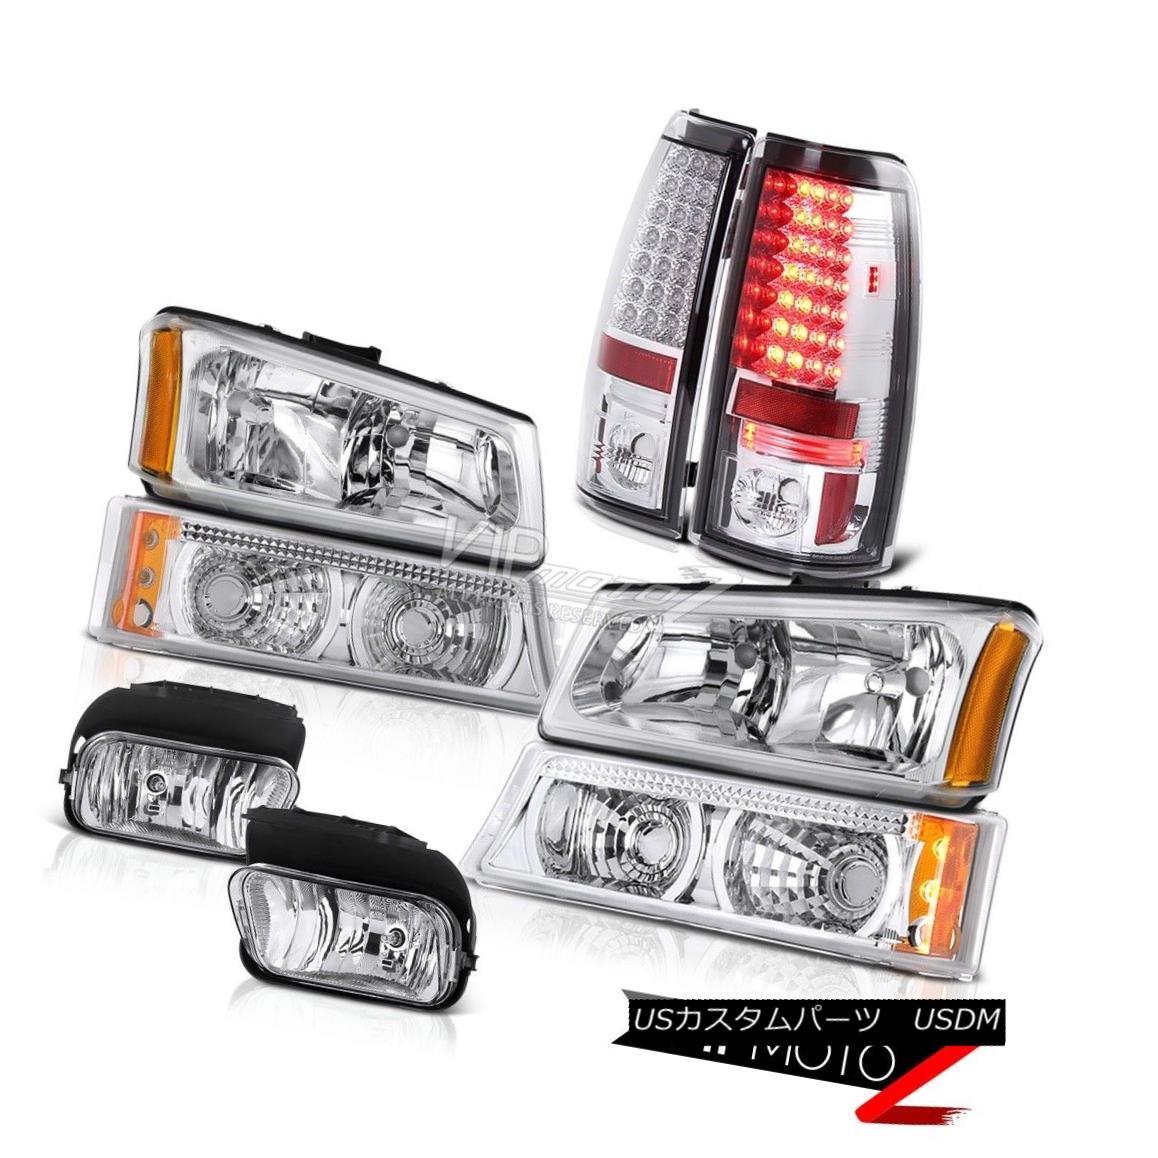 ヘッドライト Headlights Headlamp 05 06 Silverado Signal Bumper Lights LED Taillamp Chrome Fog ヘッドライトヘッドランプ05 06 Silverado信号バンパーライトLED Taillamp Chrome Fog